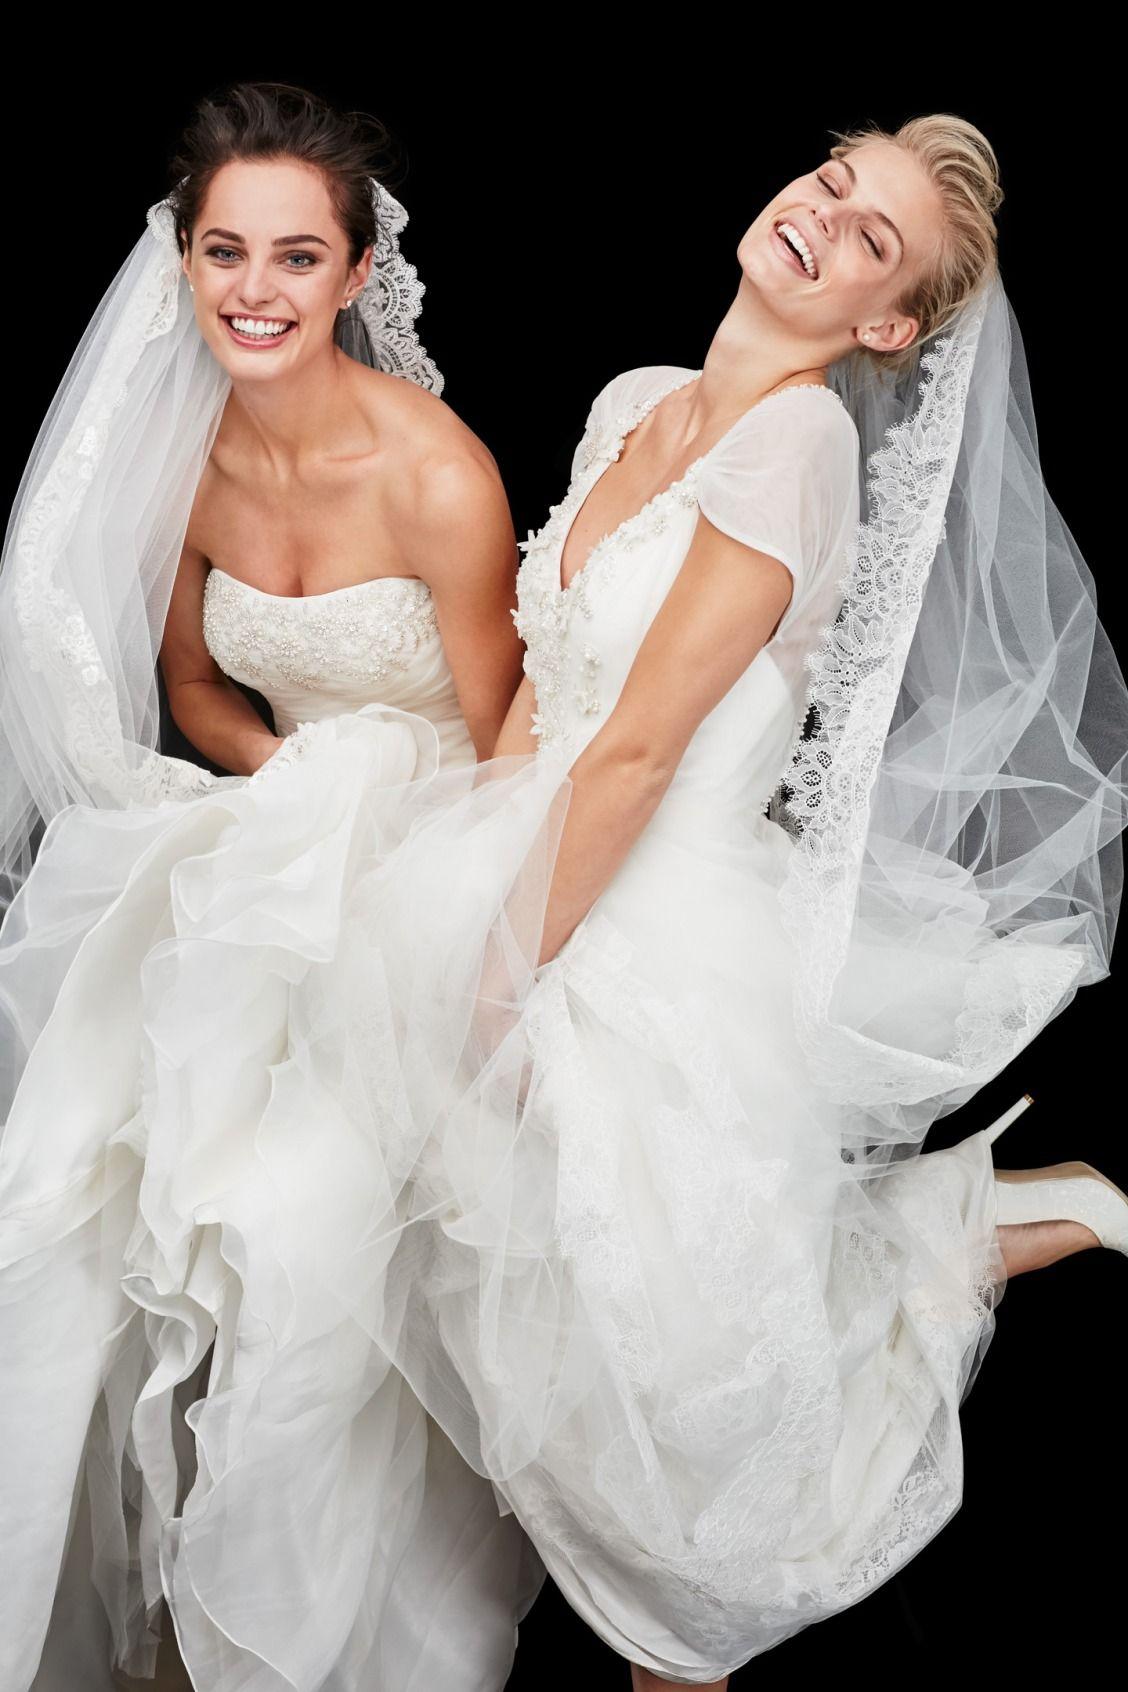 What type of bride are you? Vintage bride? Romantic bride ...